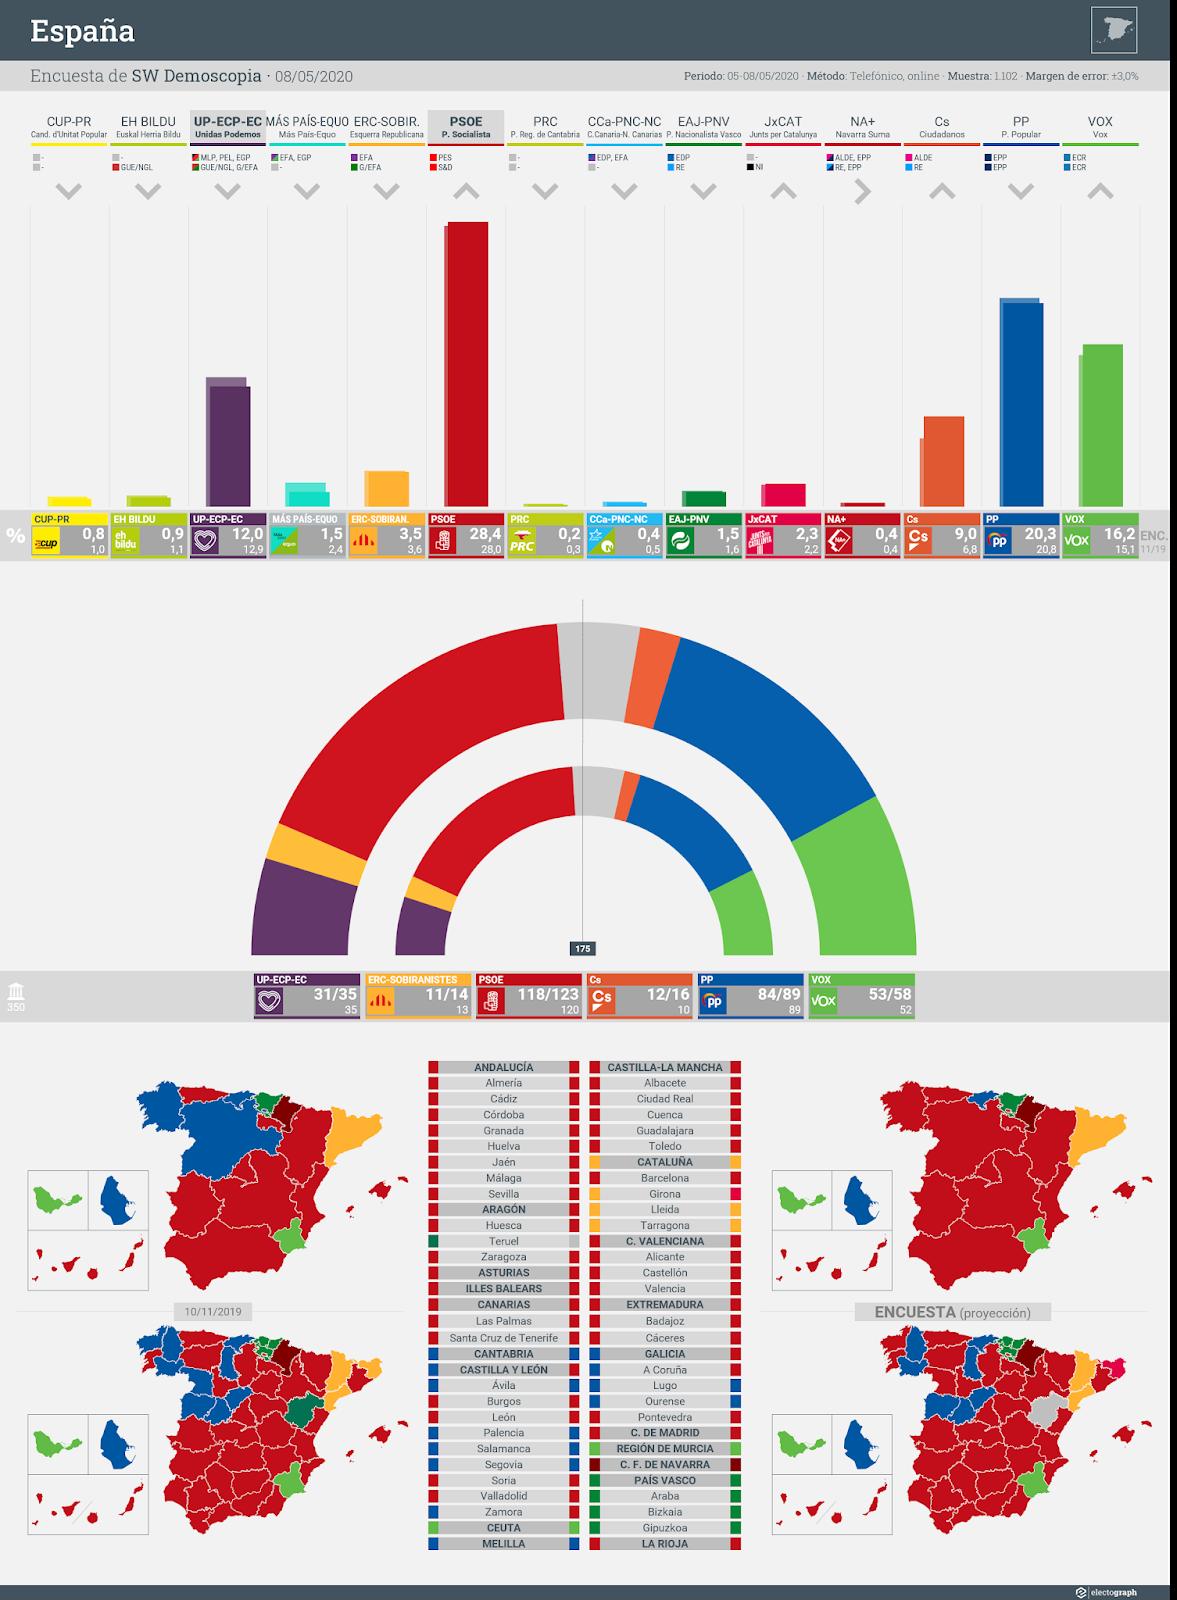 Gráfico de la encuesta para elecciones generales en España realizada por SW Demoscopia, 8 de mayo de 2020